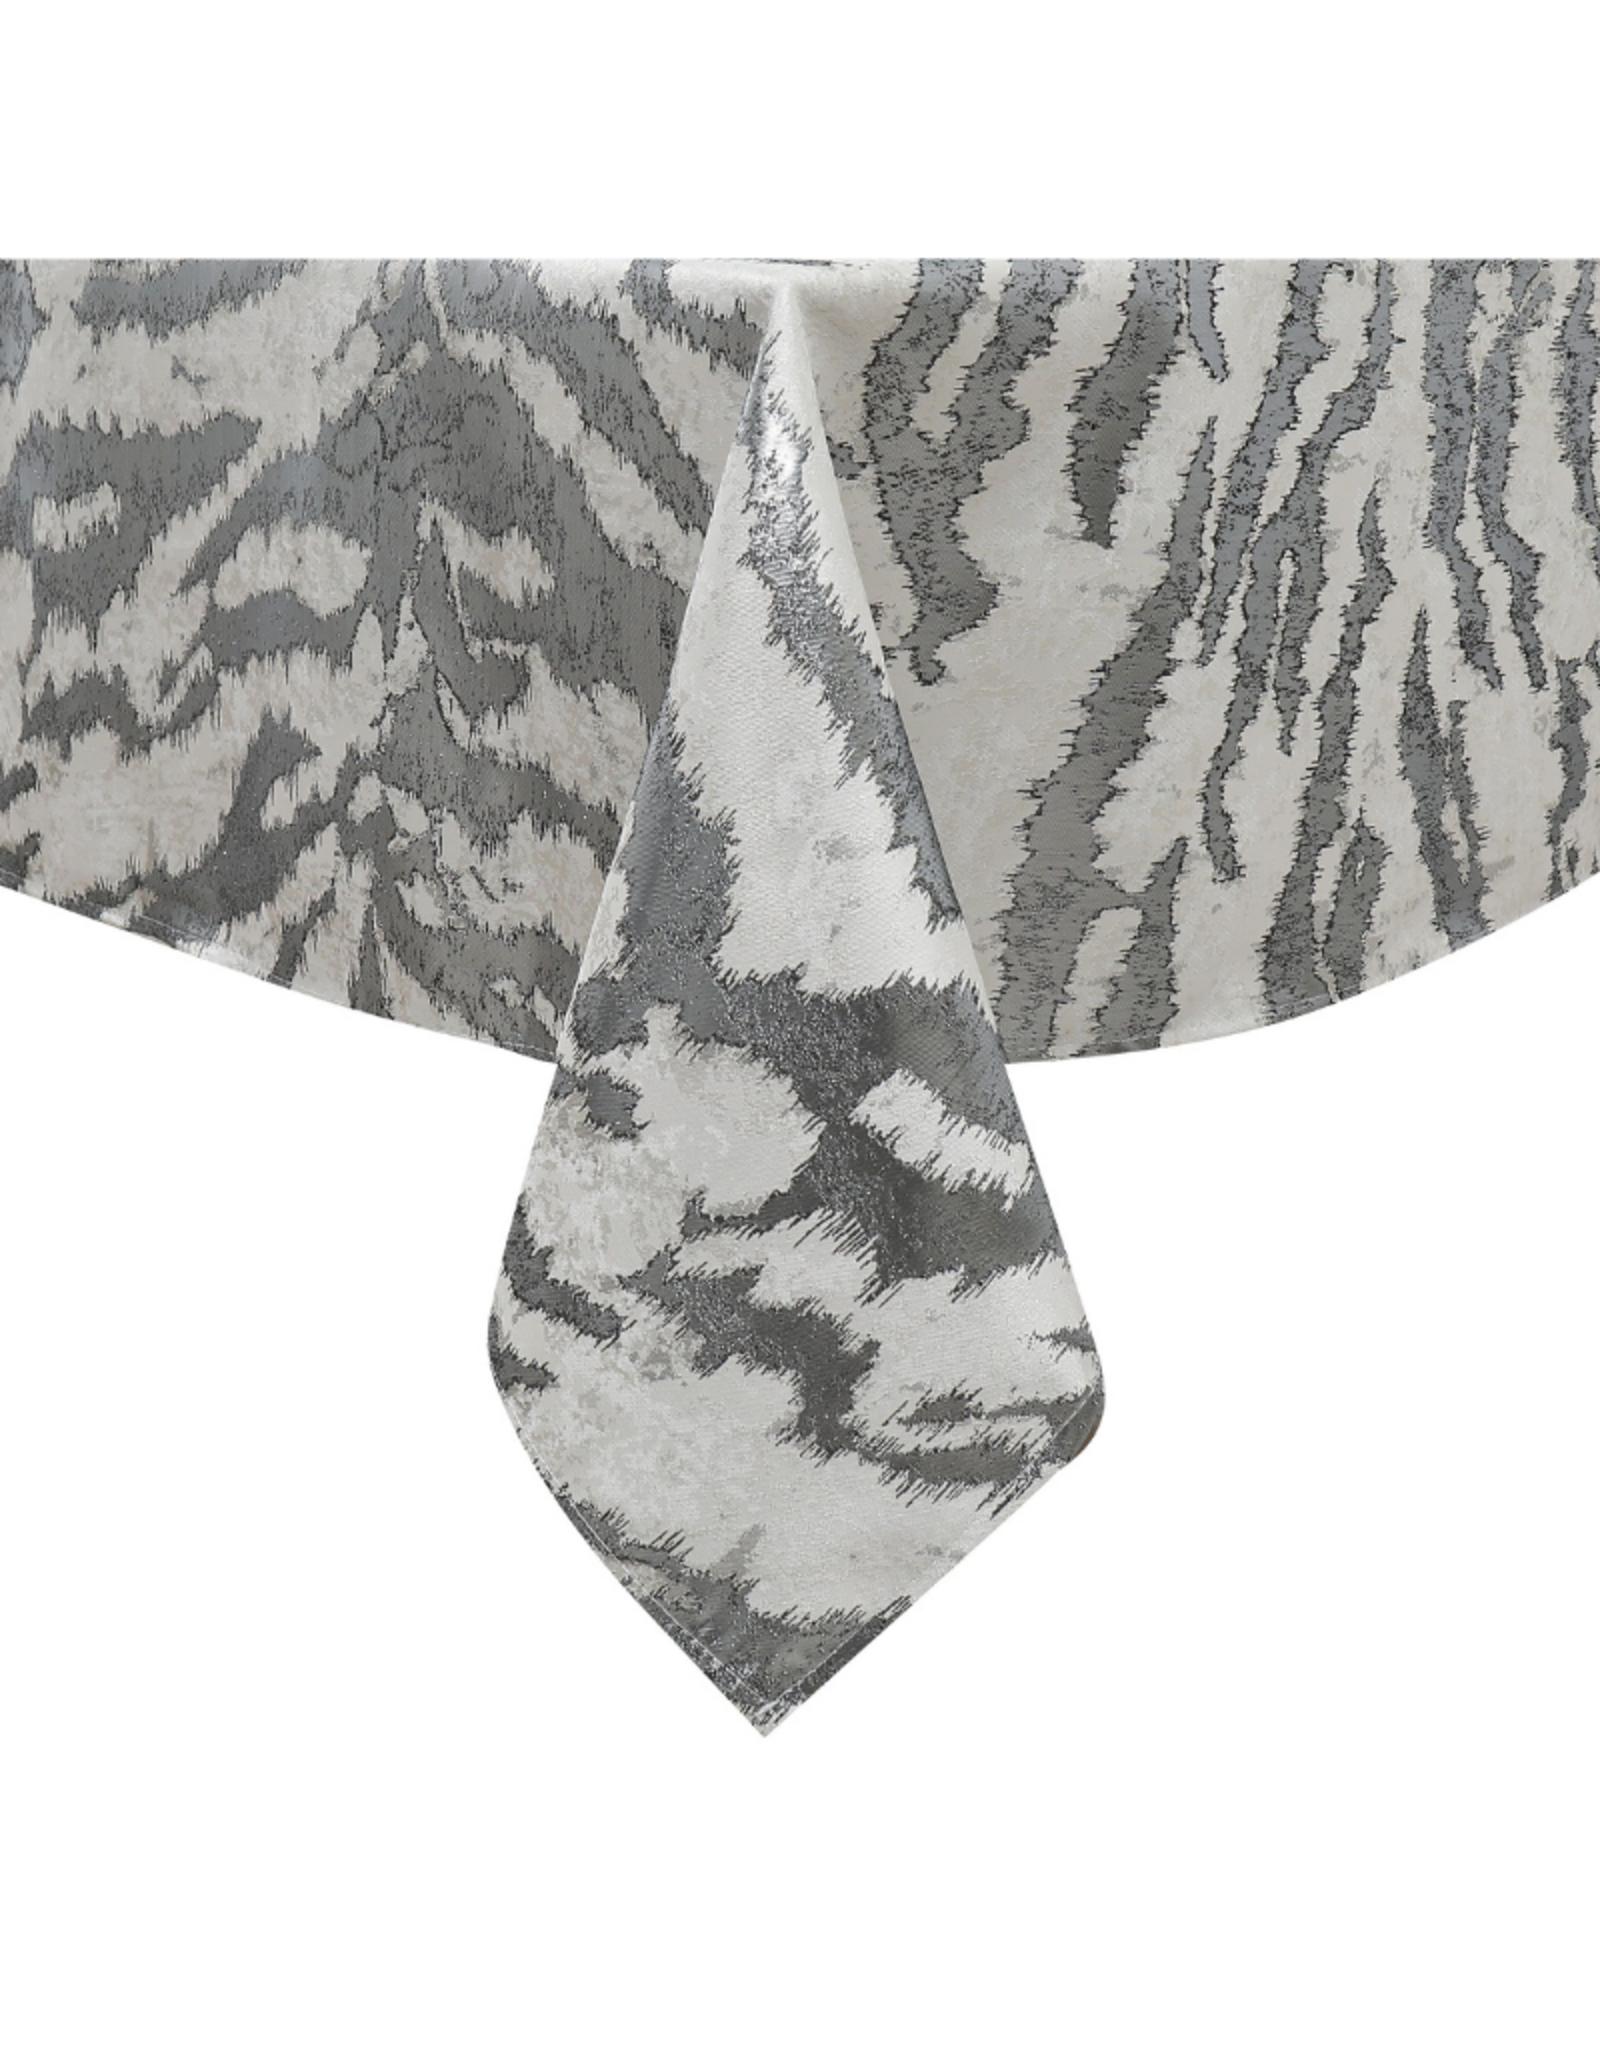 Jacquard Tablecloth White & Silver TC1315